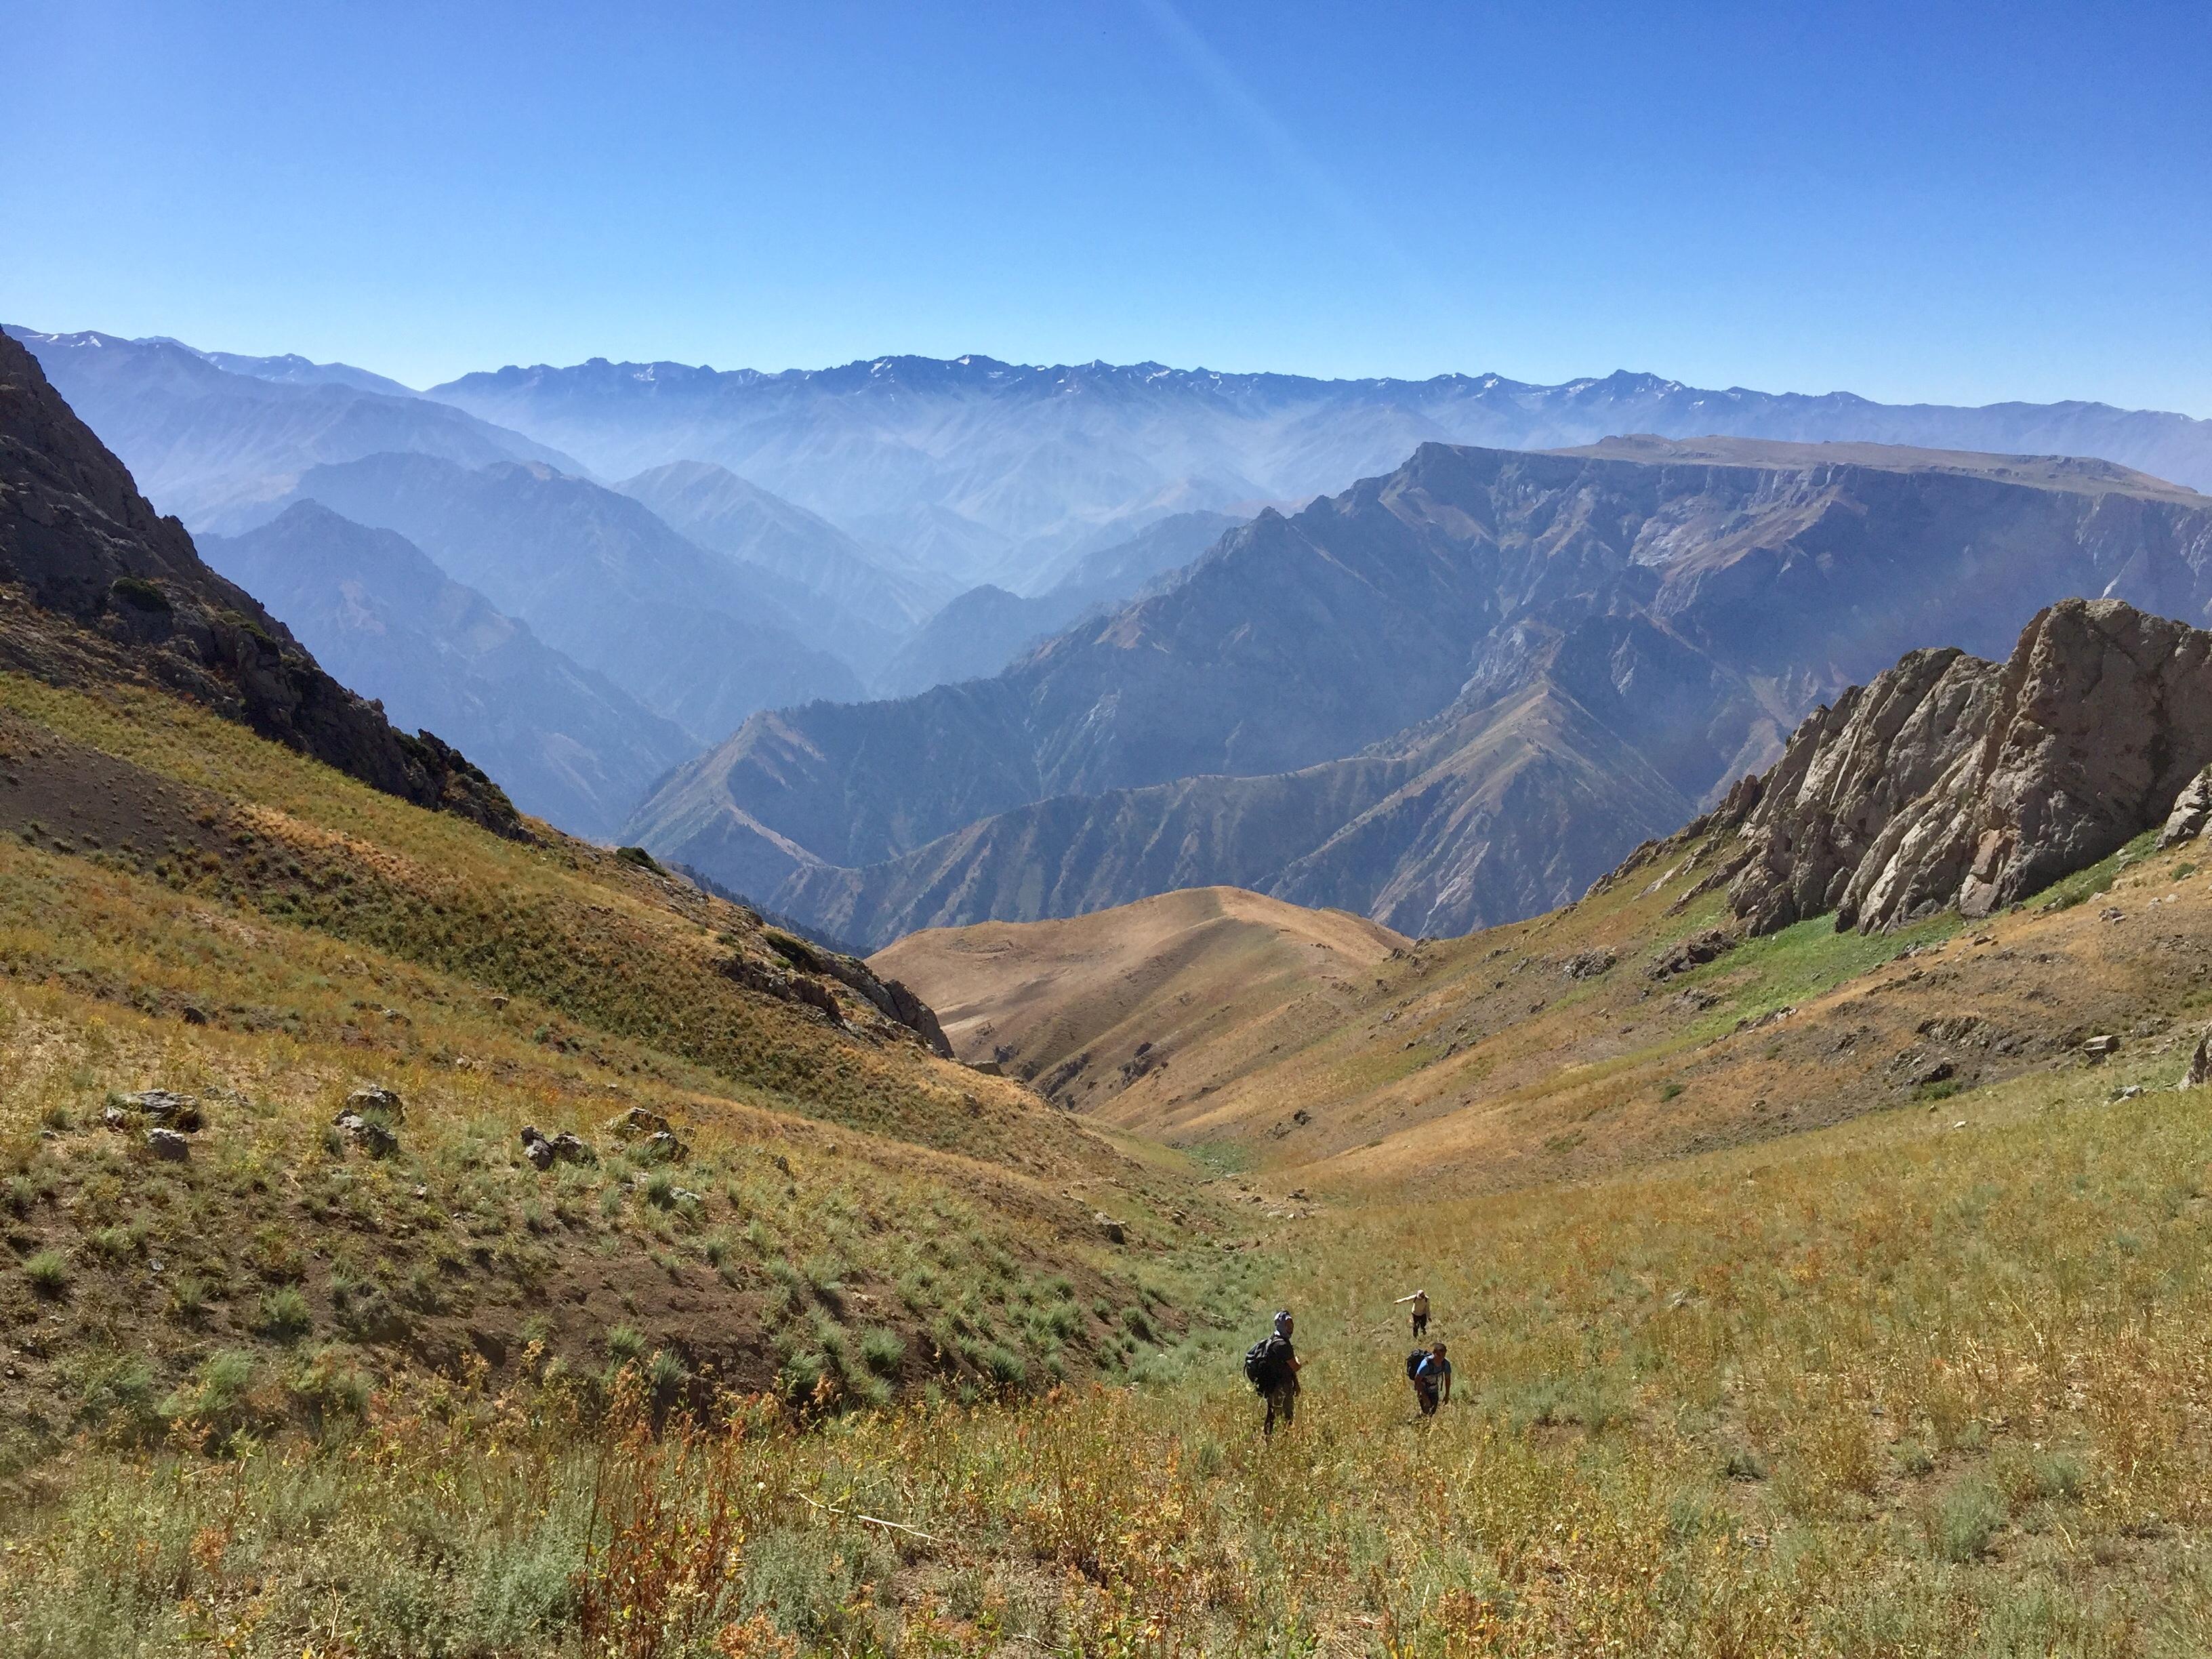 более-уверена- каждому фотографии горы узбекистан обращение кипятком